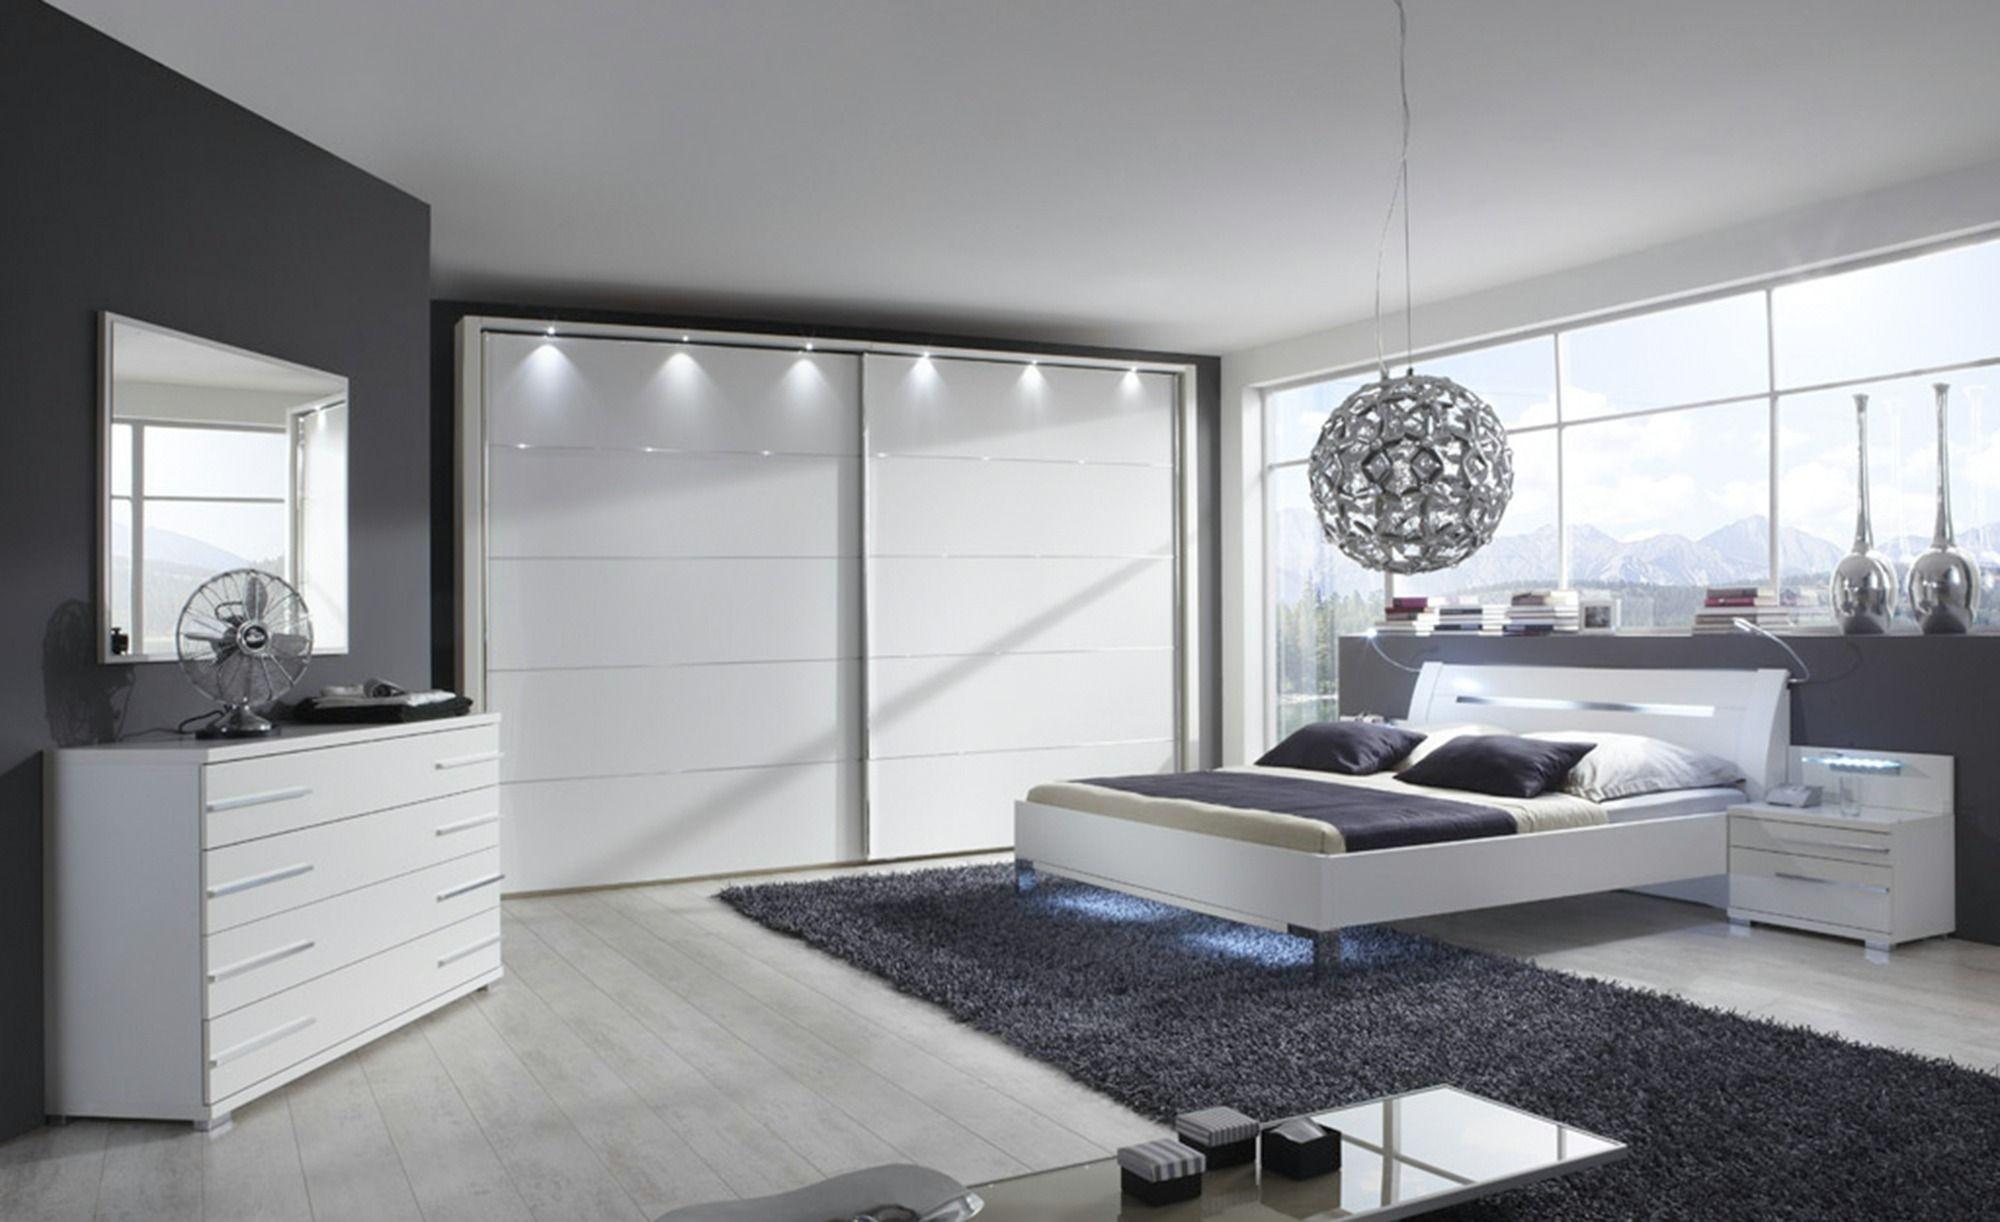 mobel kraft schlafzimmerschrank, komplett-schlafzimmer 4-teilig - weiß - 250 cm - 217 cm - 67 cm, Design ideen